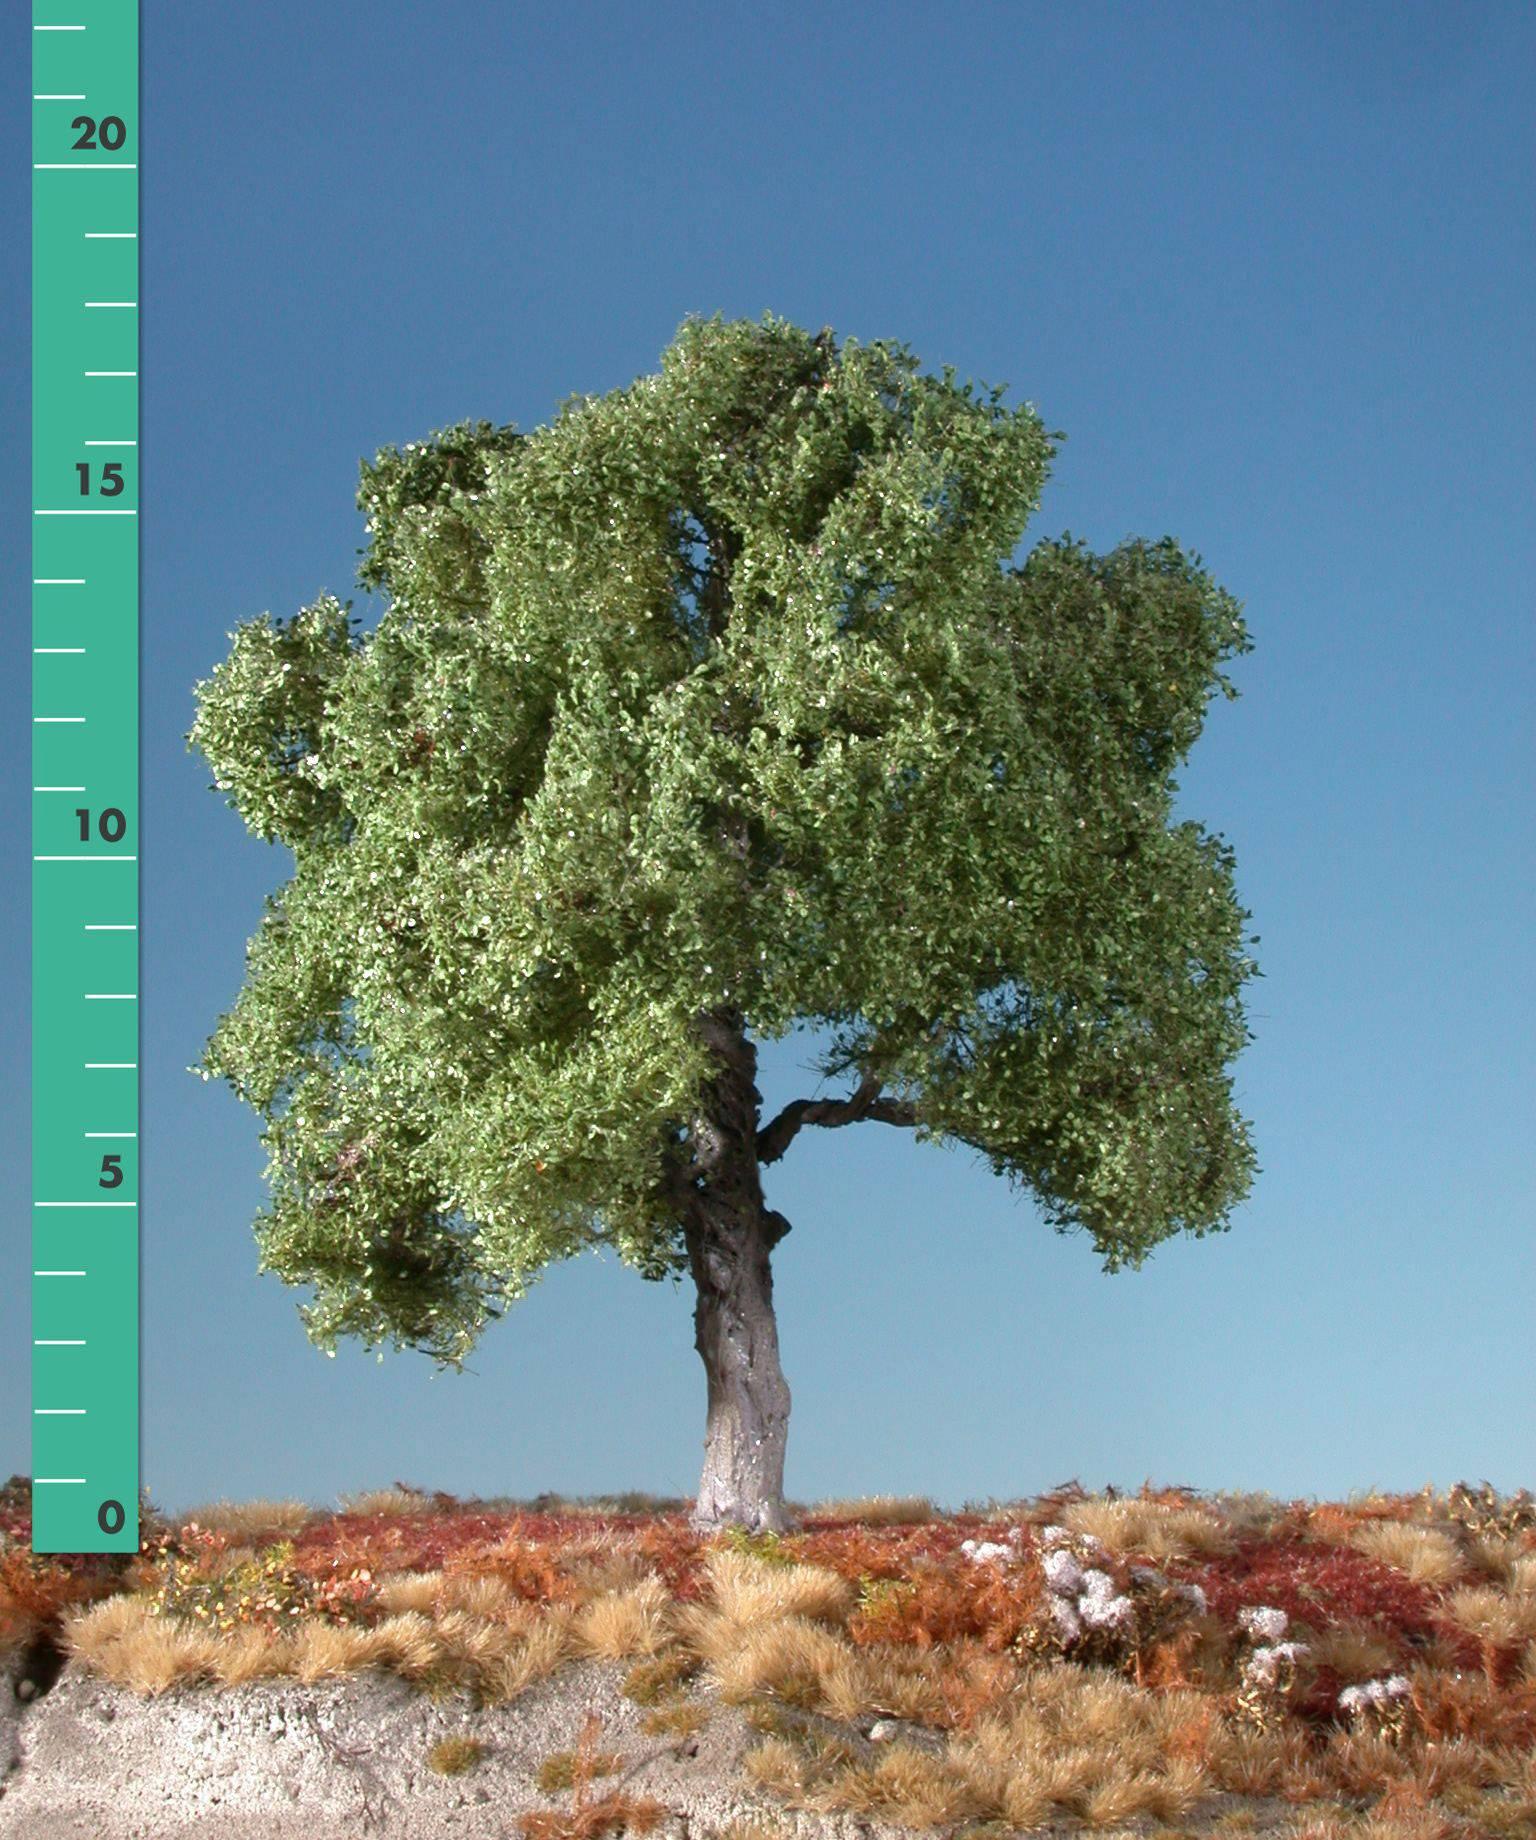 Albero faggio Mininatur 220-12 1 pz.